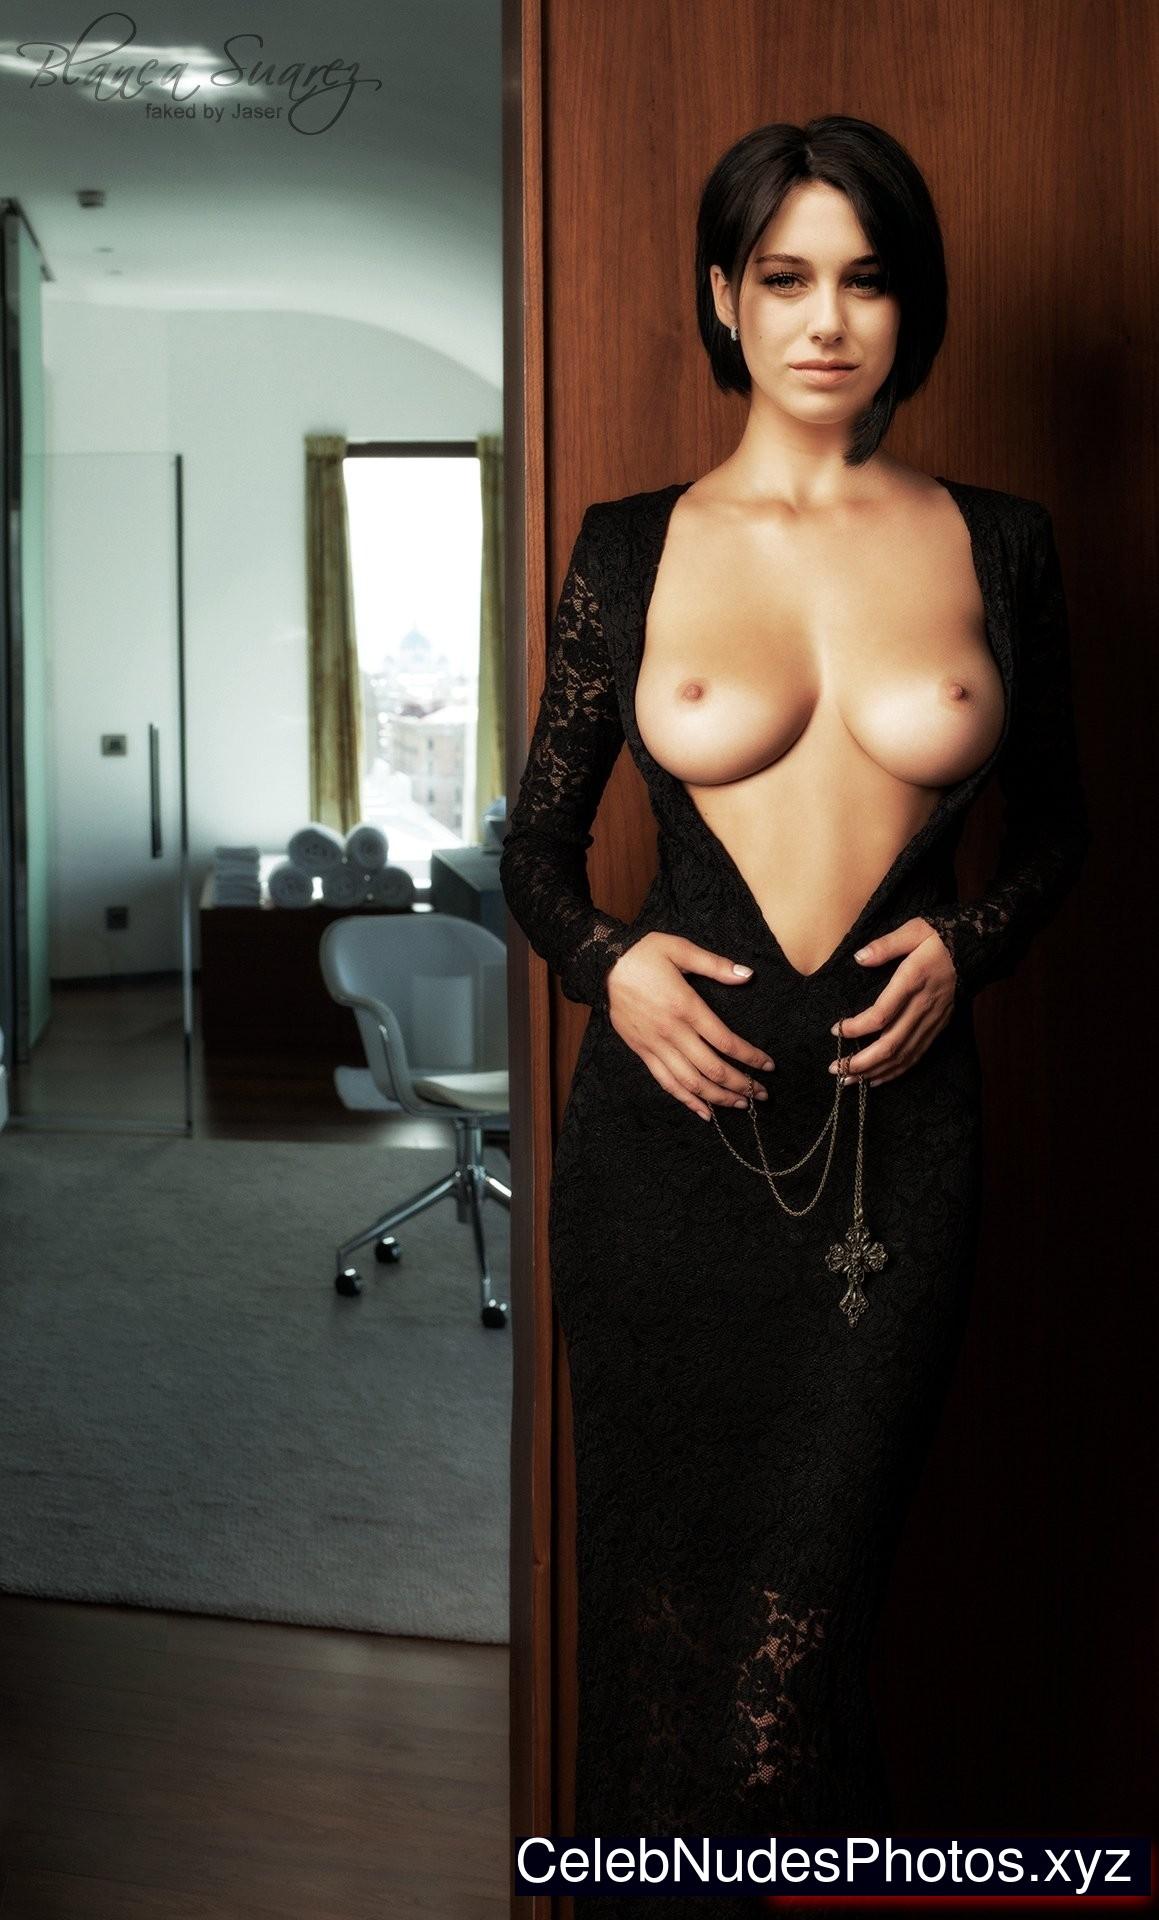 Blanca Suarez celebrity nude pics